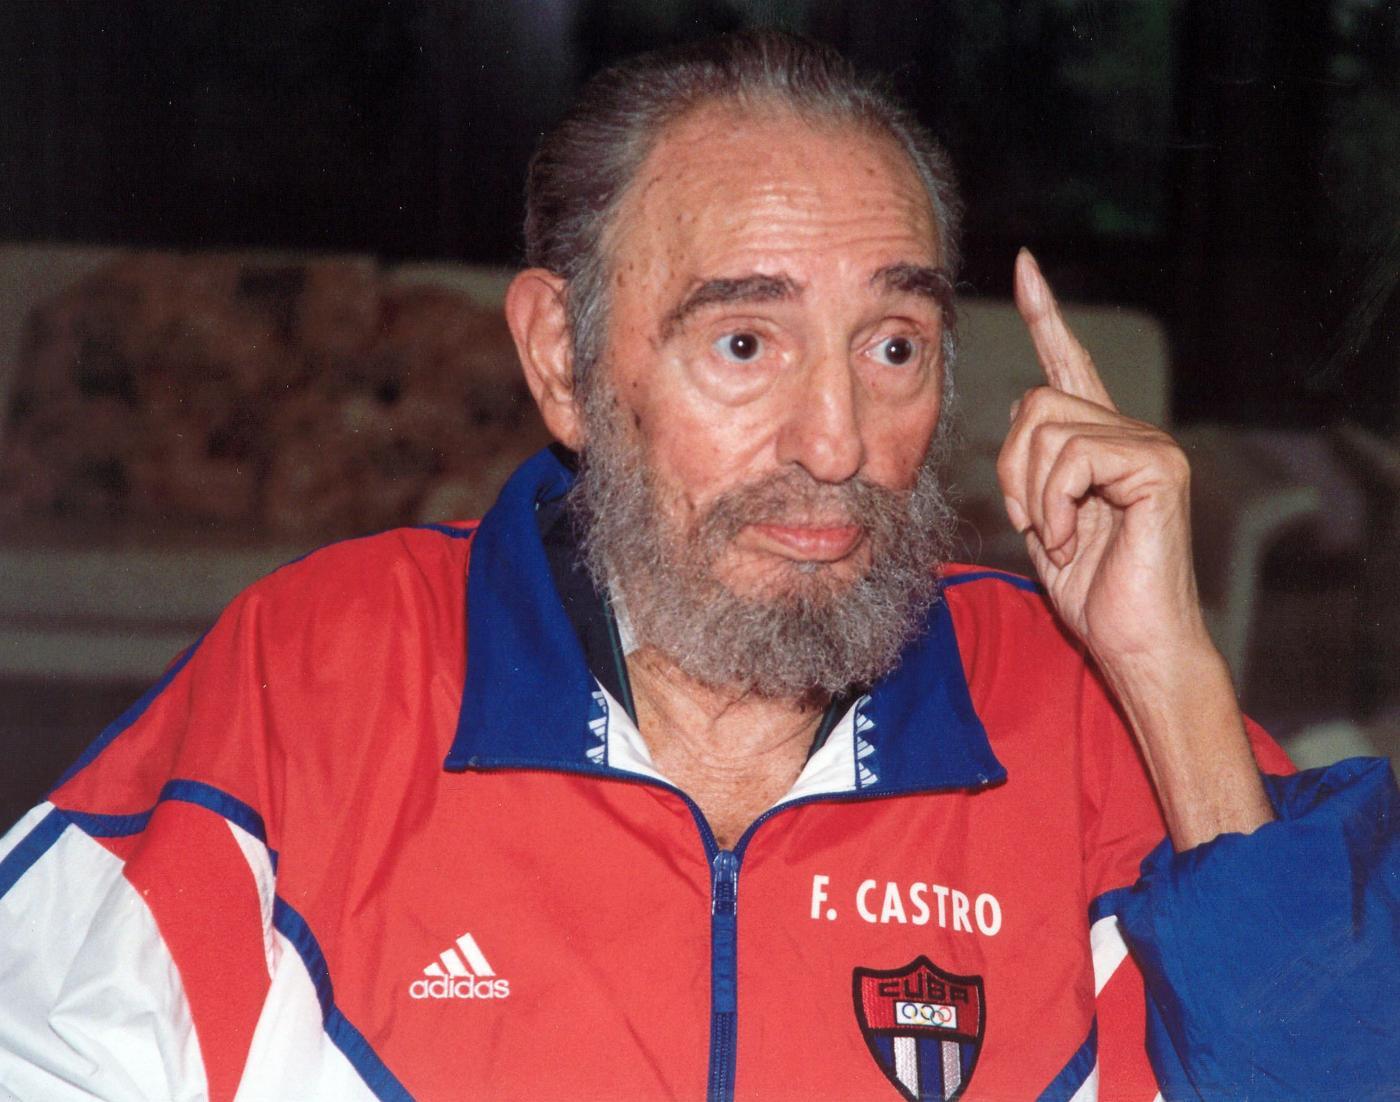 Le frasi più famose di Fidel Castro